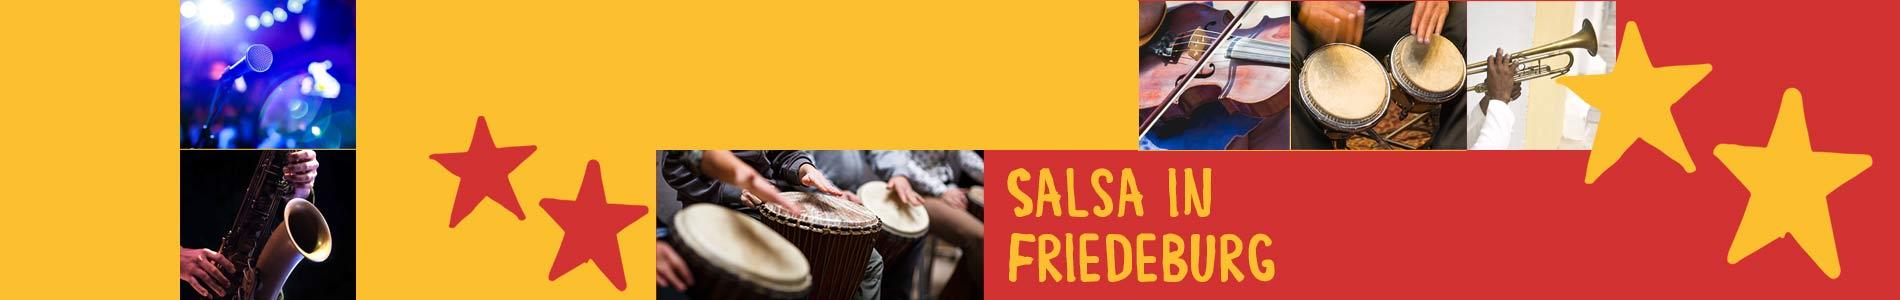 Salsa in Friedeburg – Salsa lernen und tanzen, Tanzkurse, Partys, Veranstaltungen